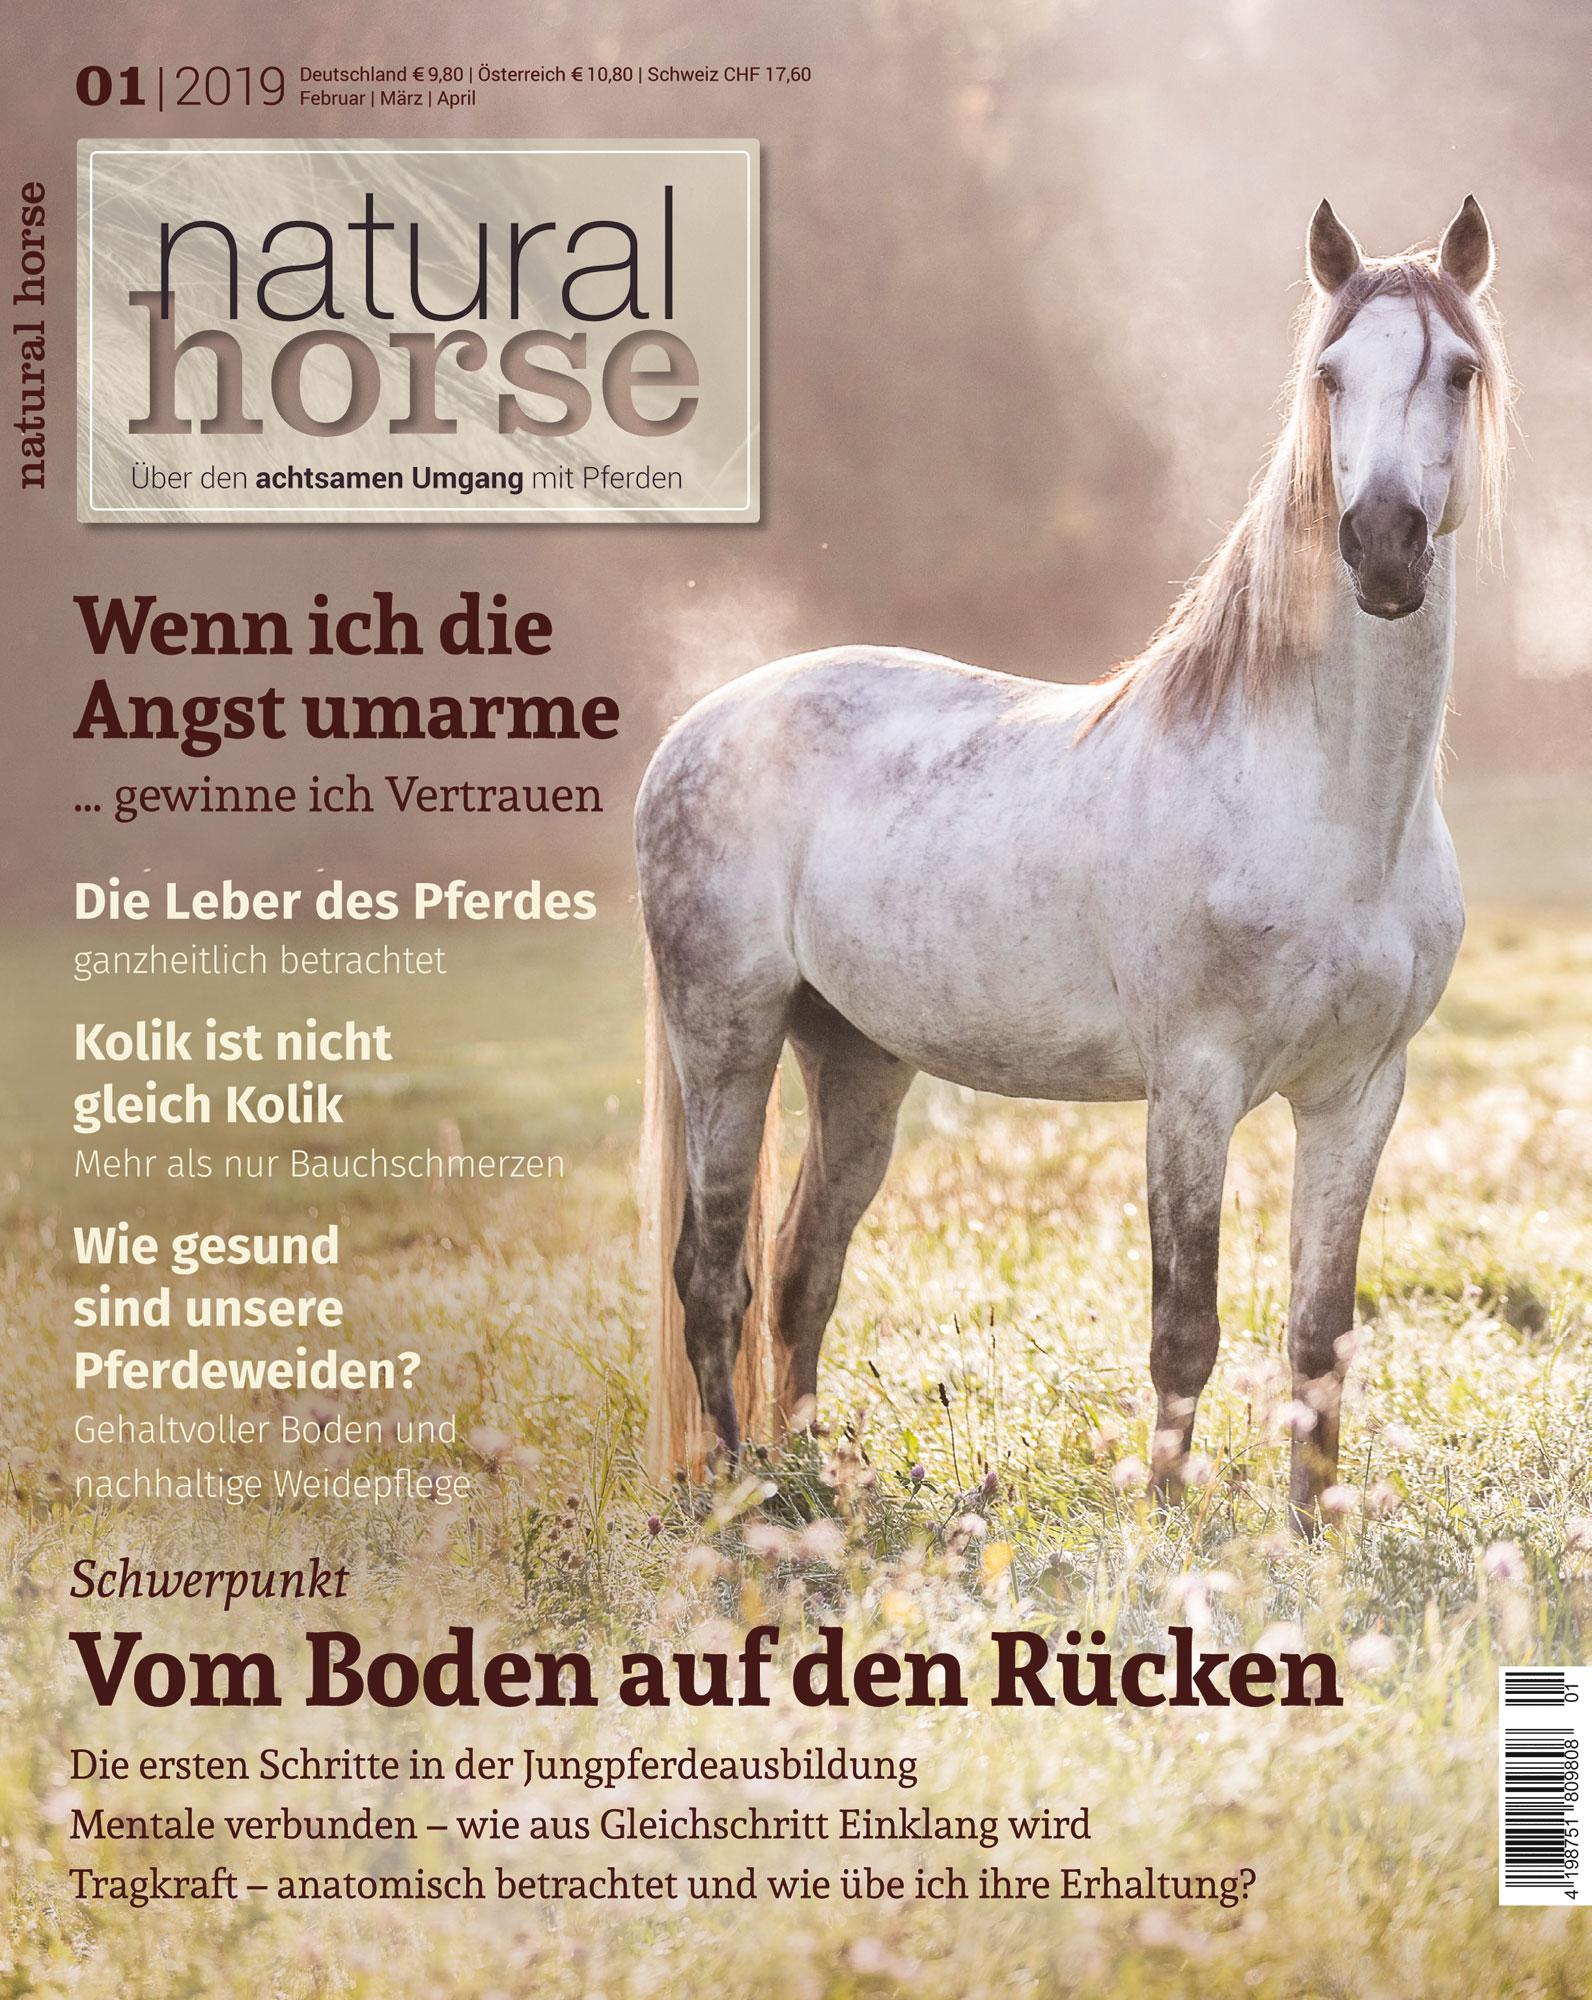 Natural Horse 23 01/2019